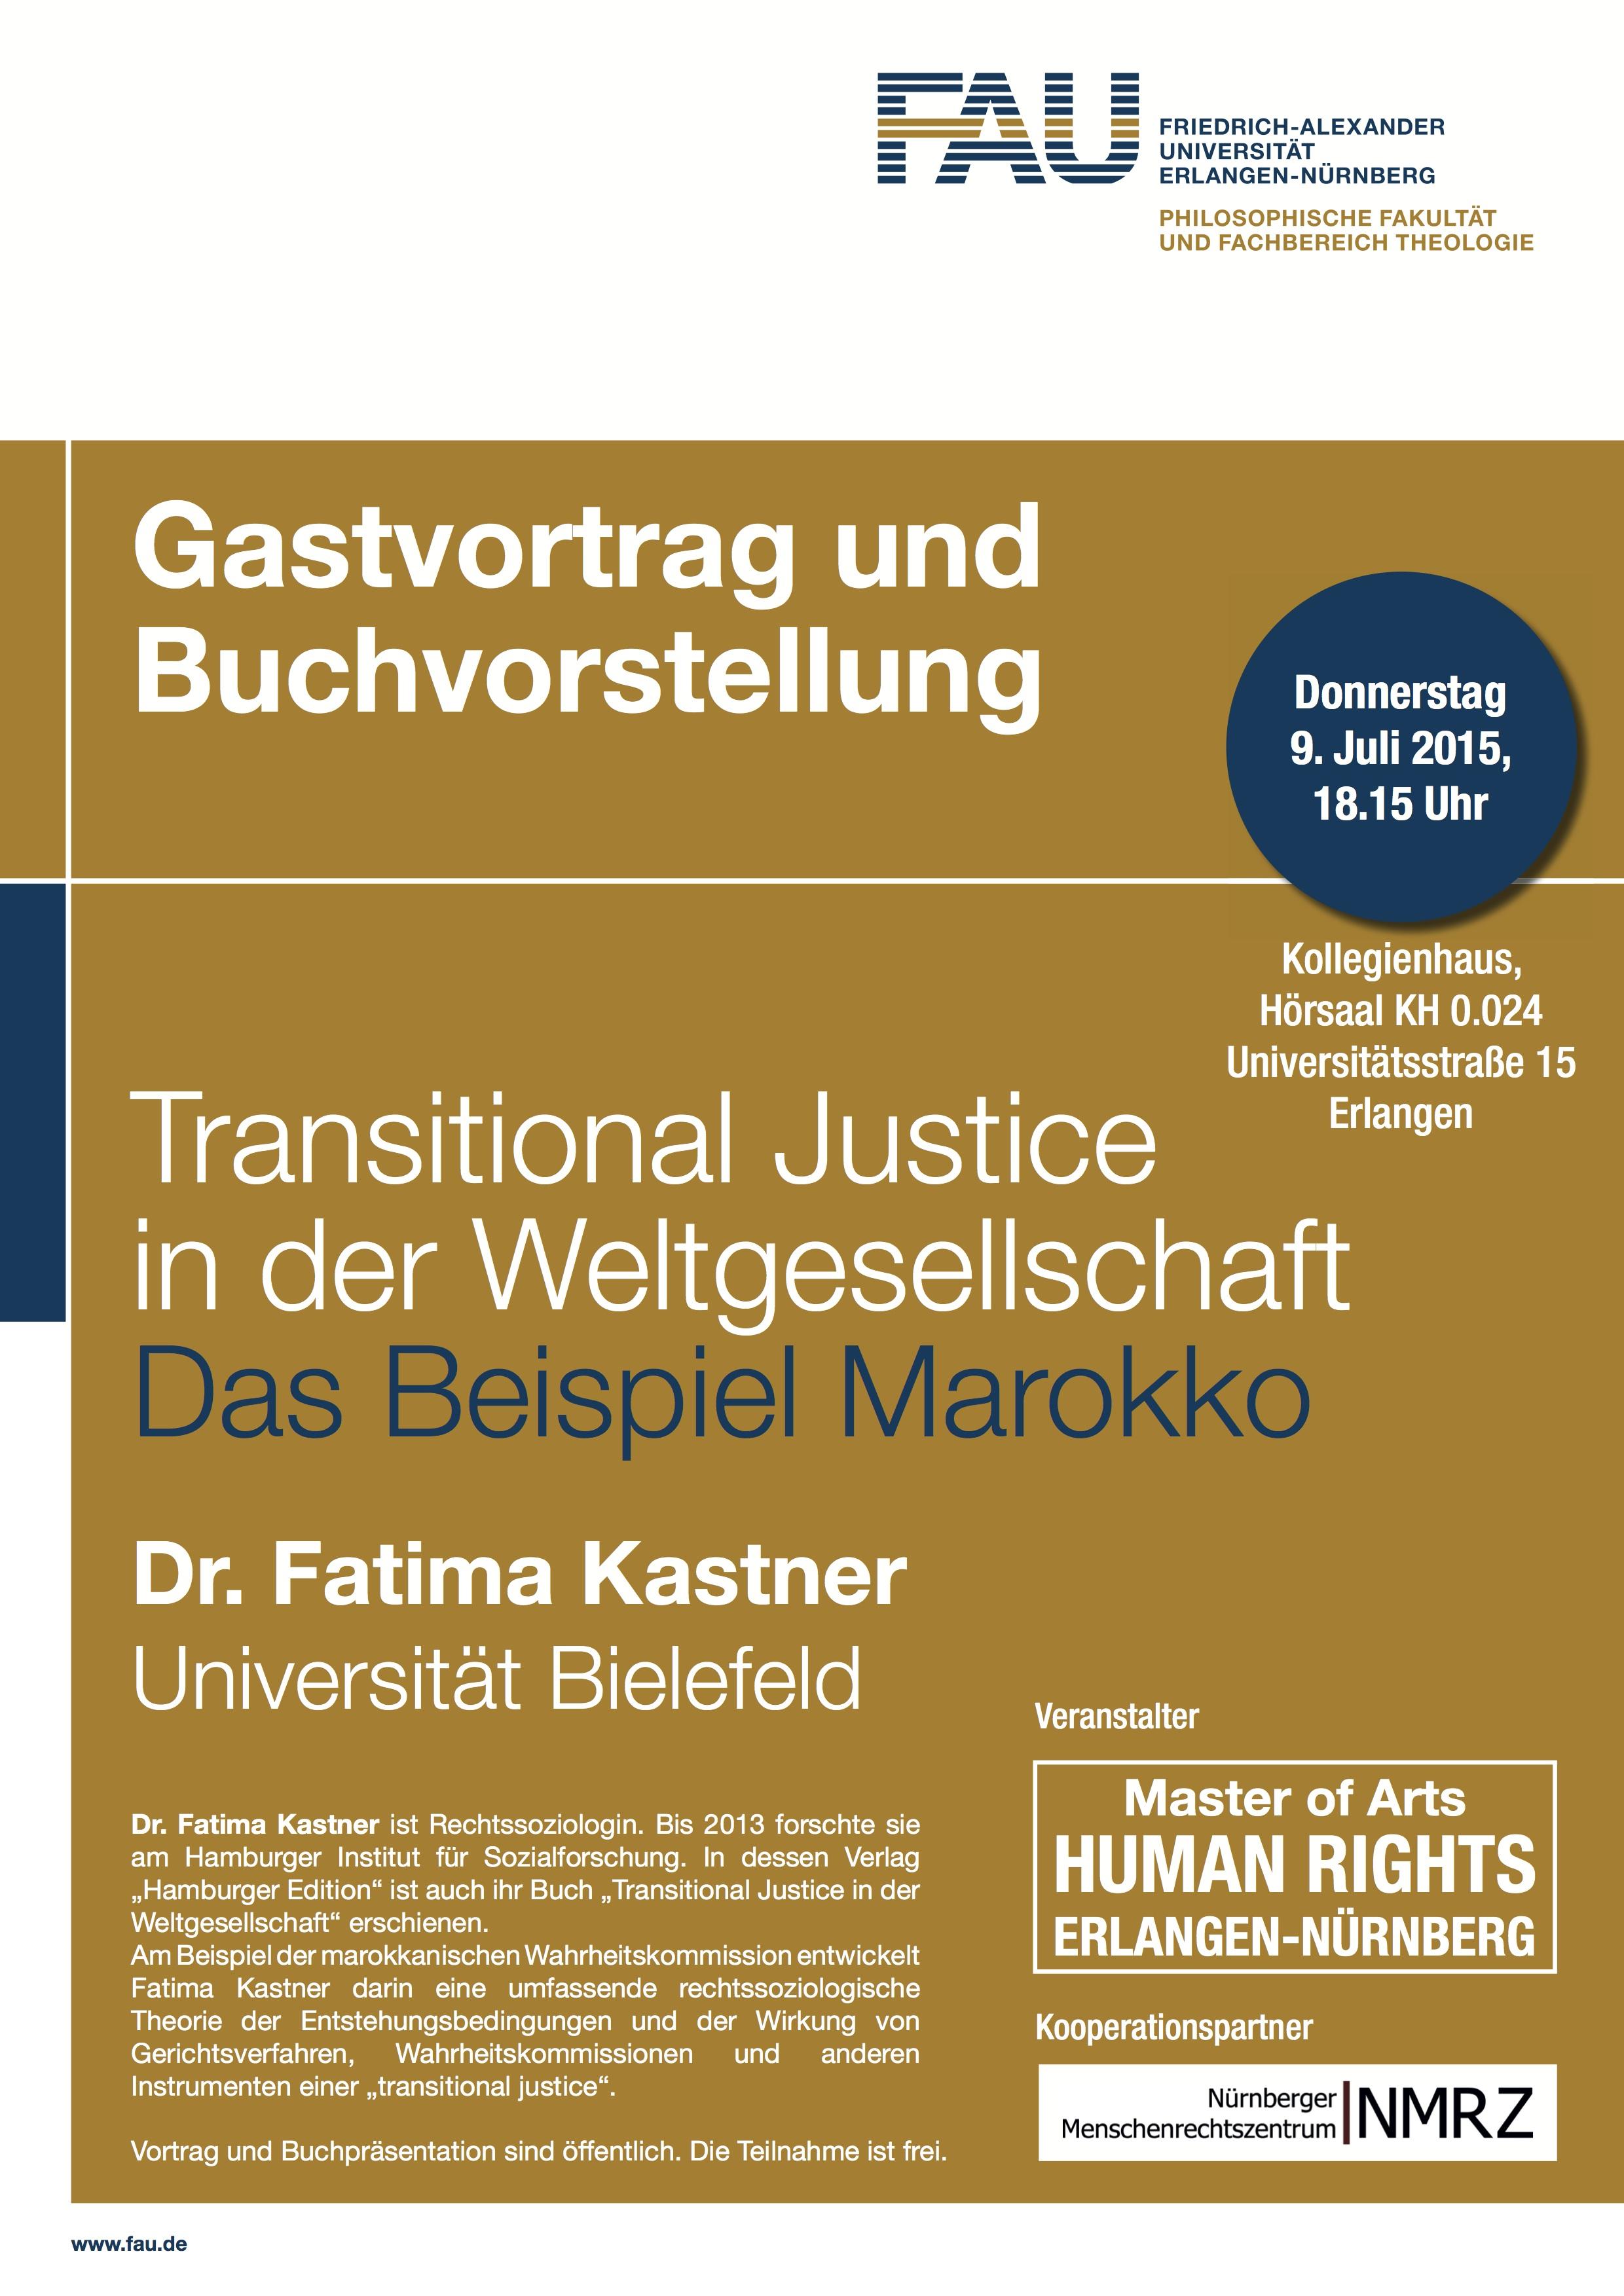 Transtional Justice - Gastvortrag und Buchvorstellung